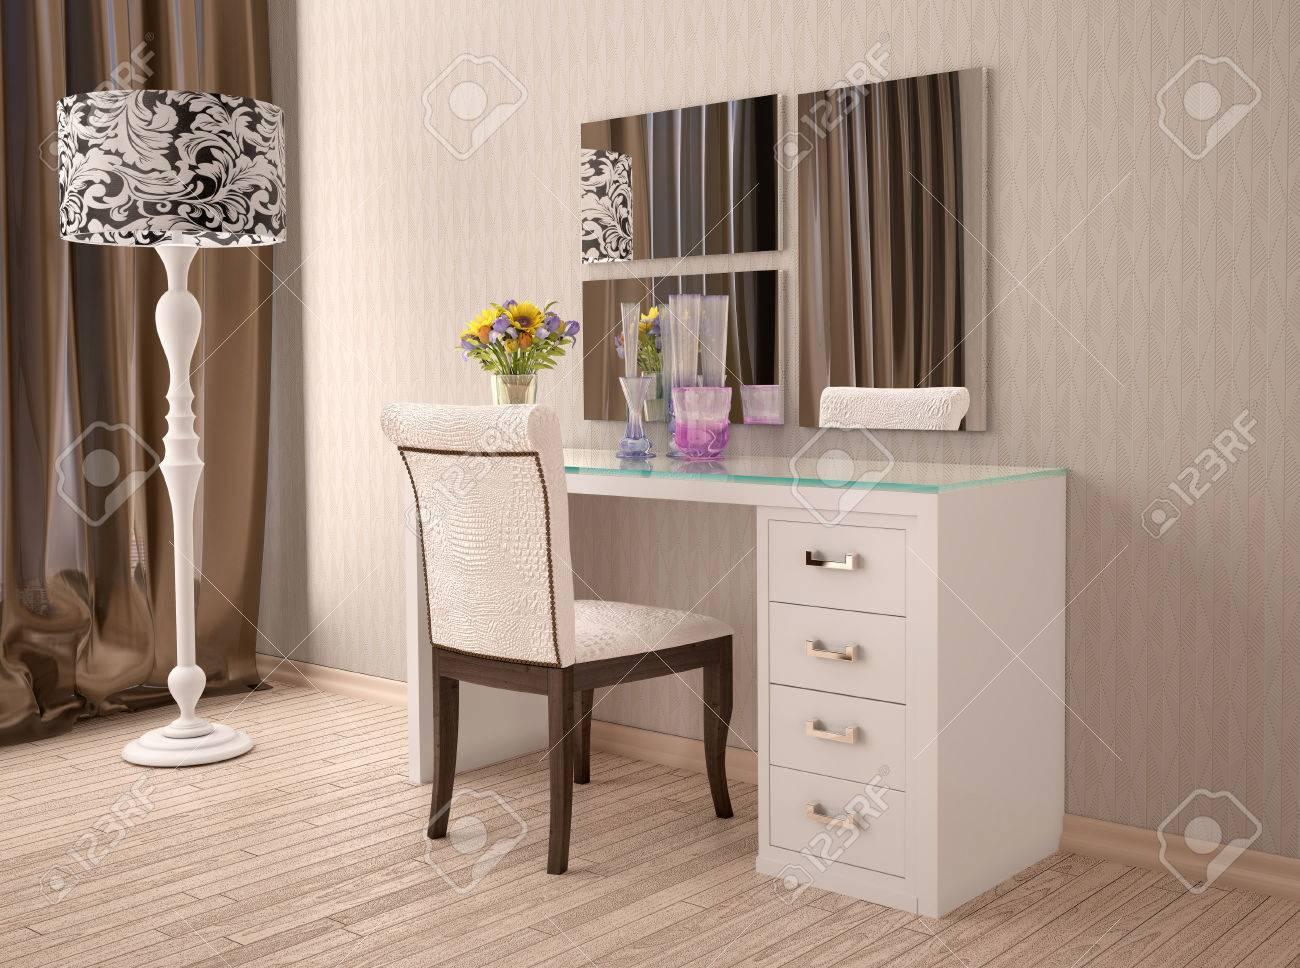 3d Ilustracion De Tocador Blanco Con Un Espejo En Estilo Moderno